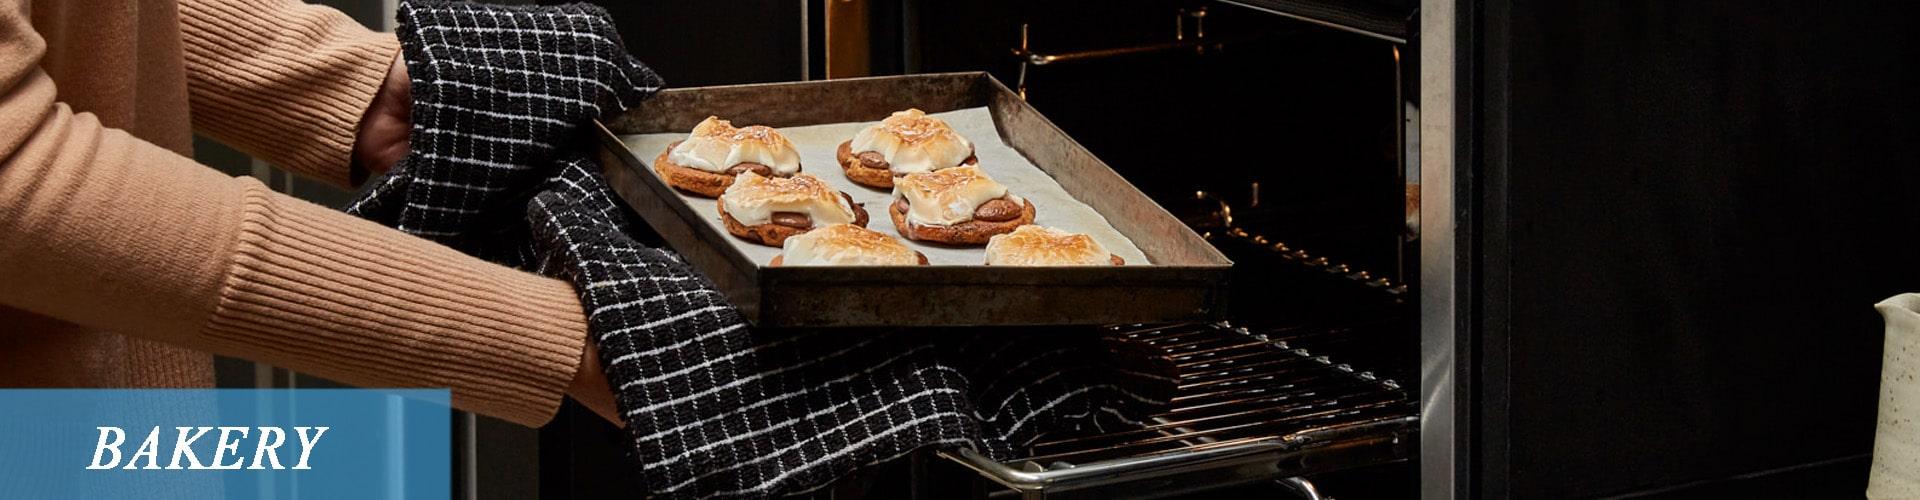 Bakery-min